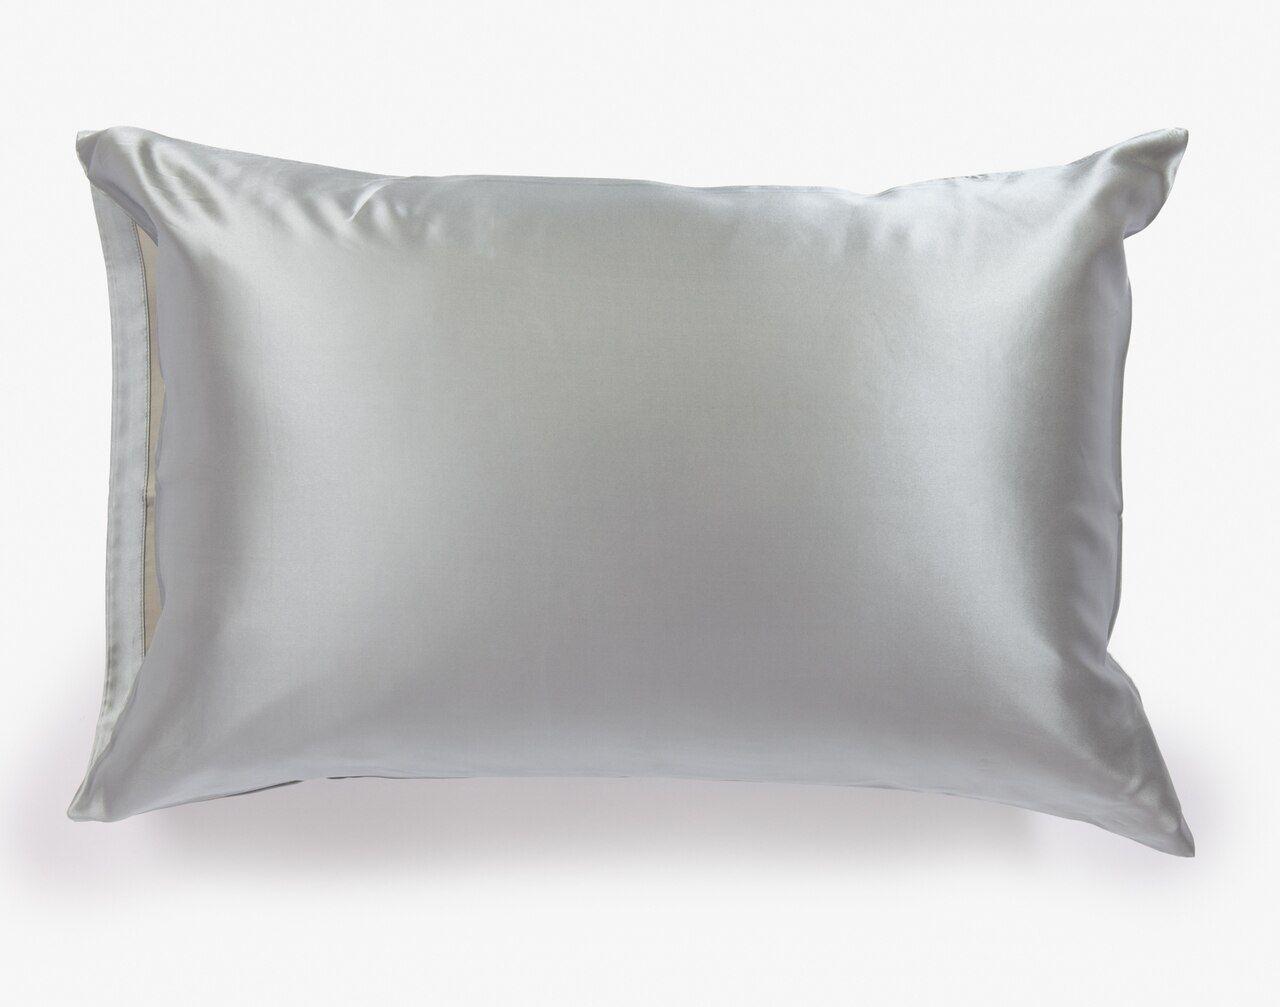 Navy QE Home TENCEL Blend Sheet Set Twin